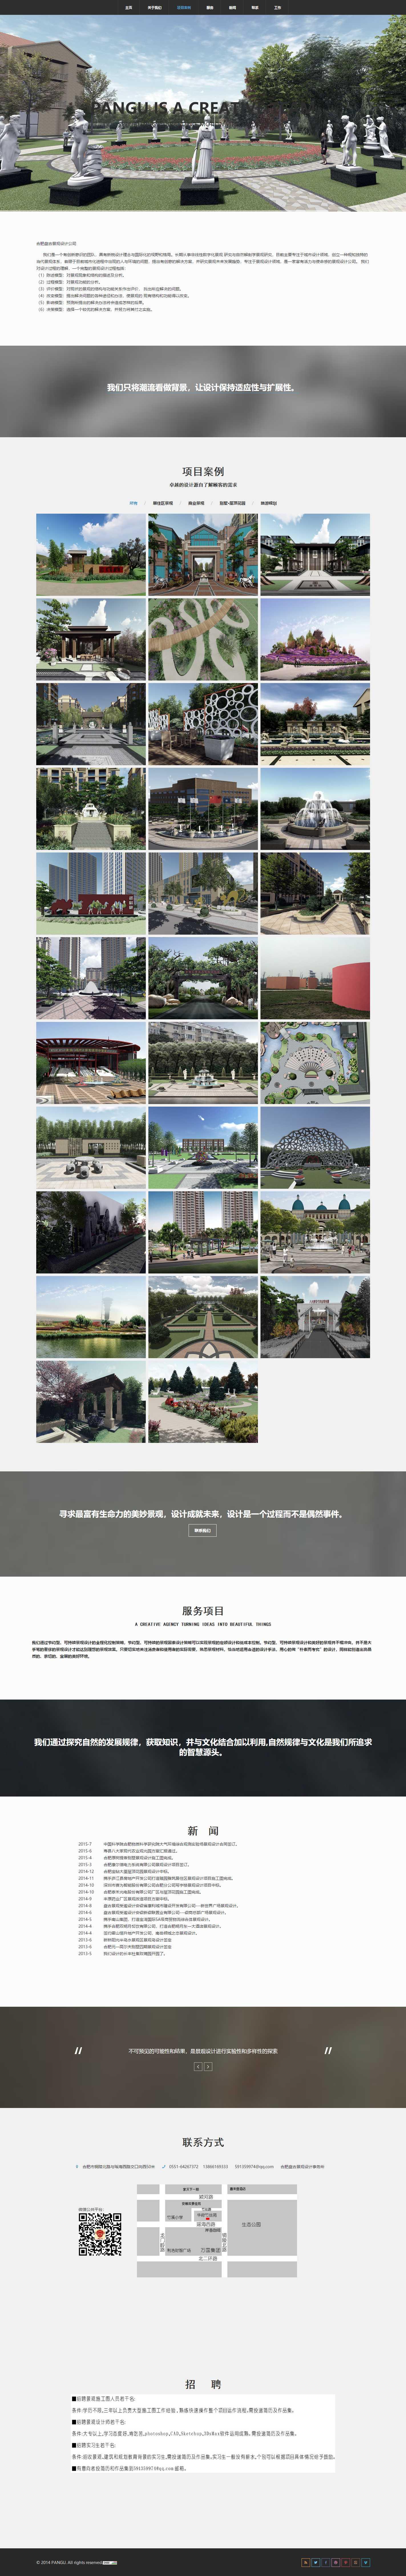 合肥盘古景观设计公司